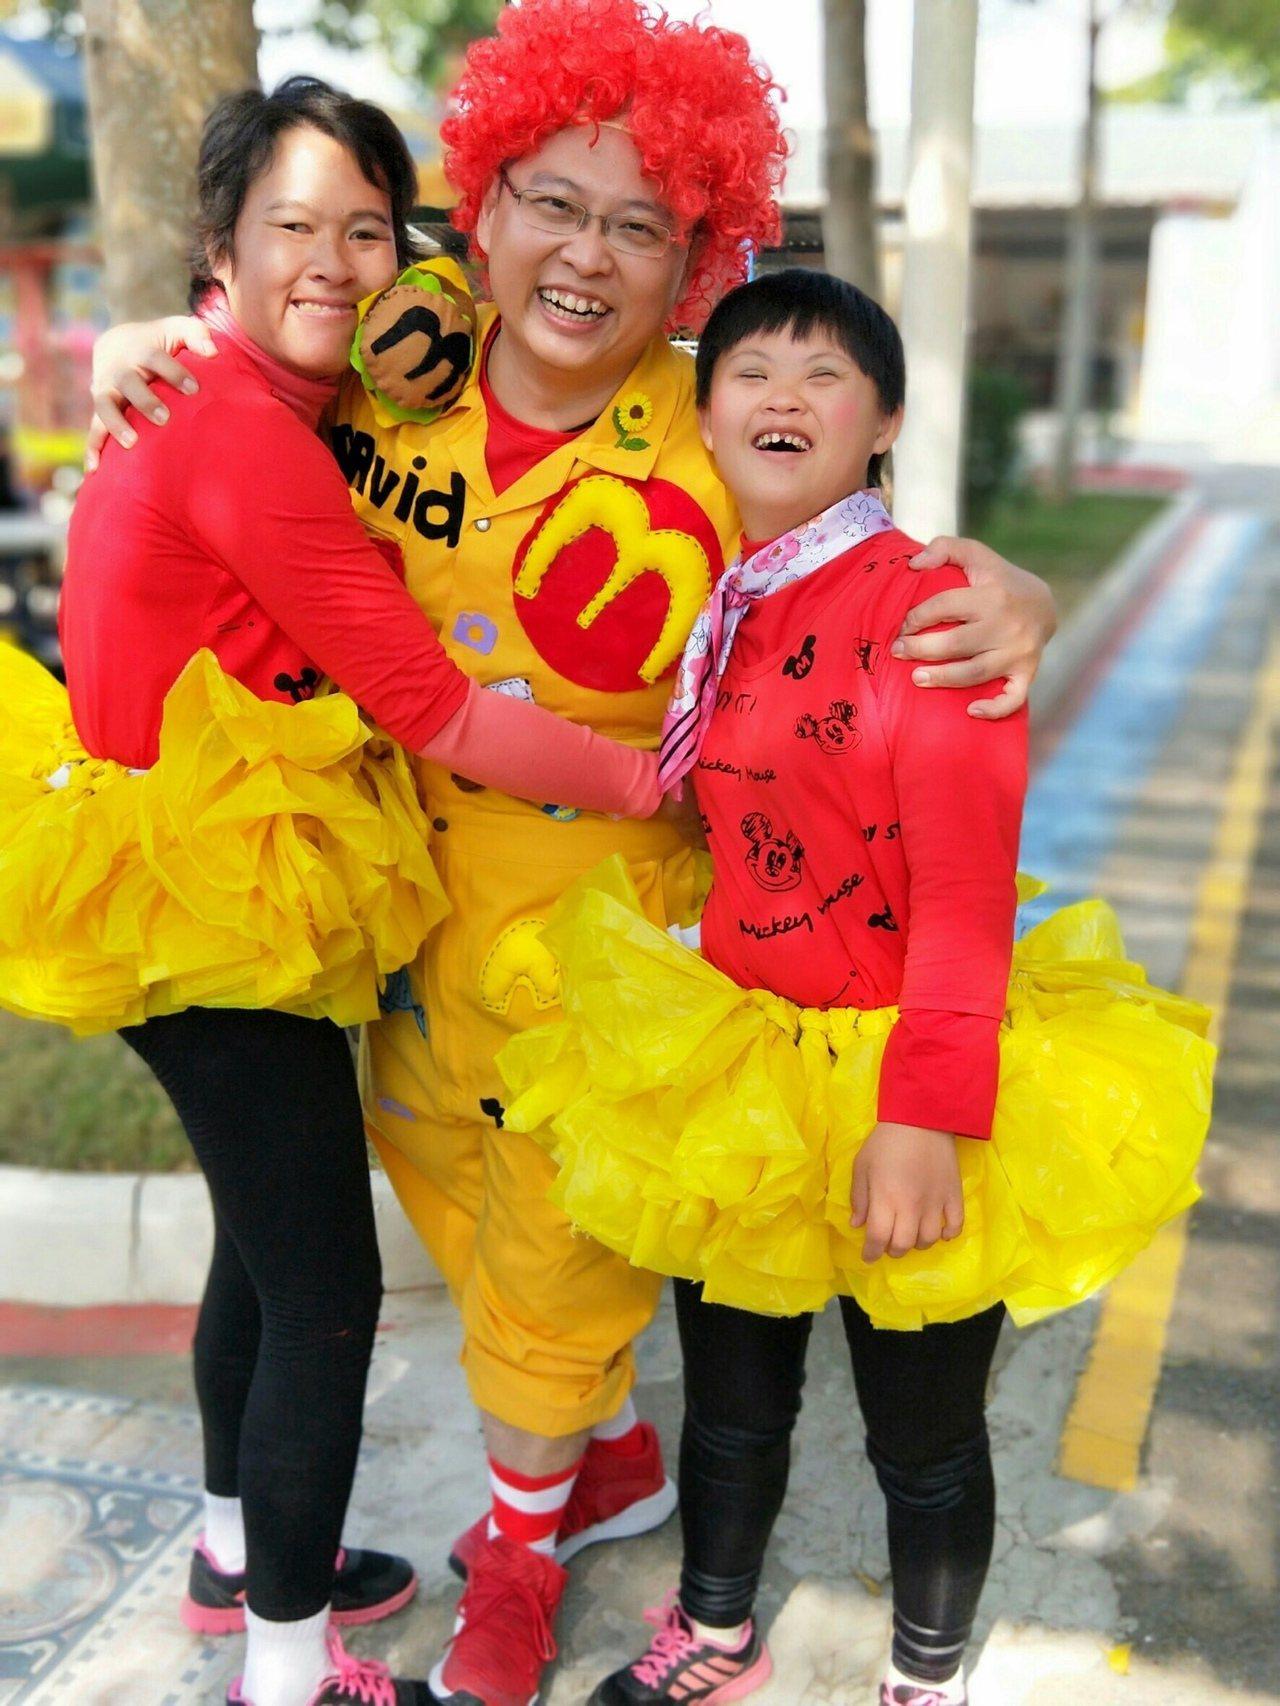 麥當勞吳鳳南餐廳是雲嘉嘉地區唯一的加盟店,加盟經營者唐有建(中)現年39歲,他對...